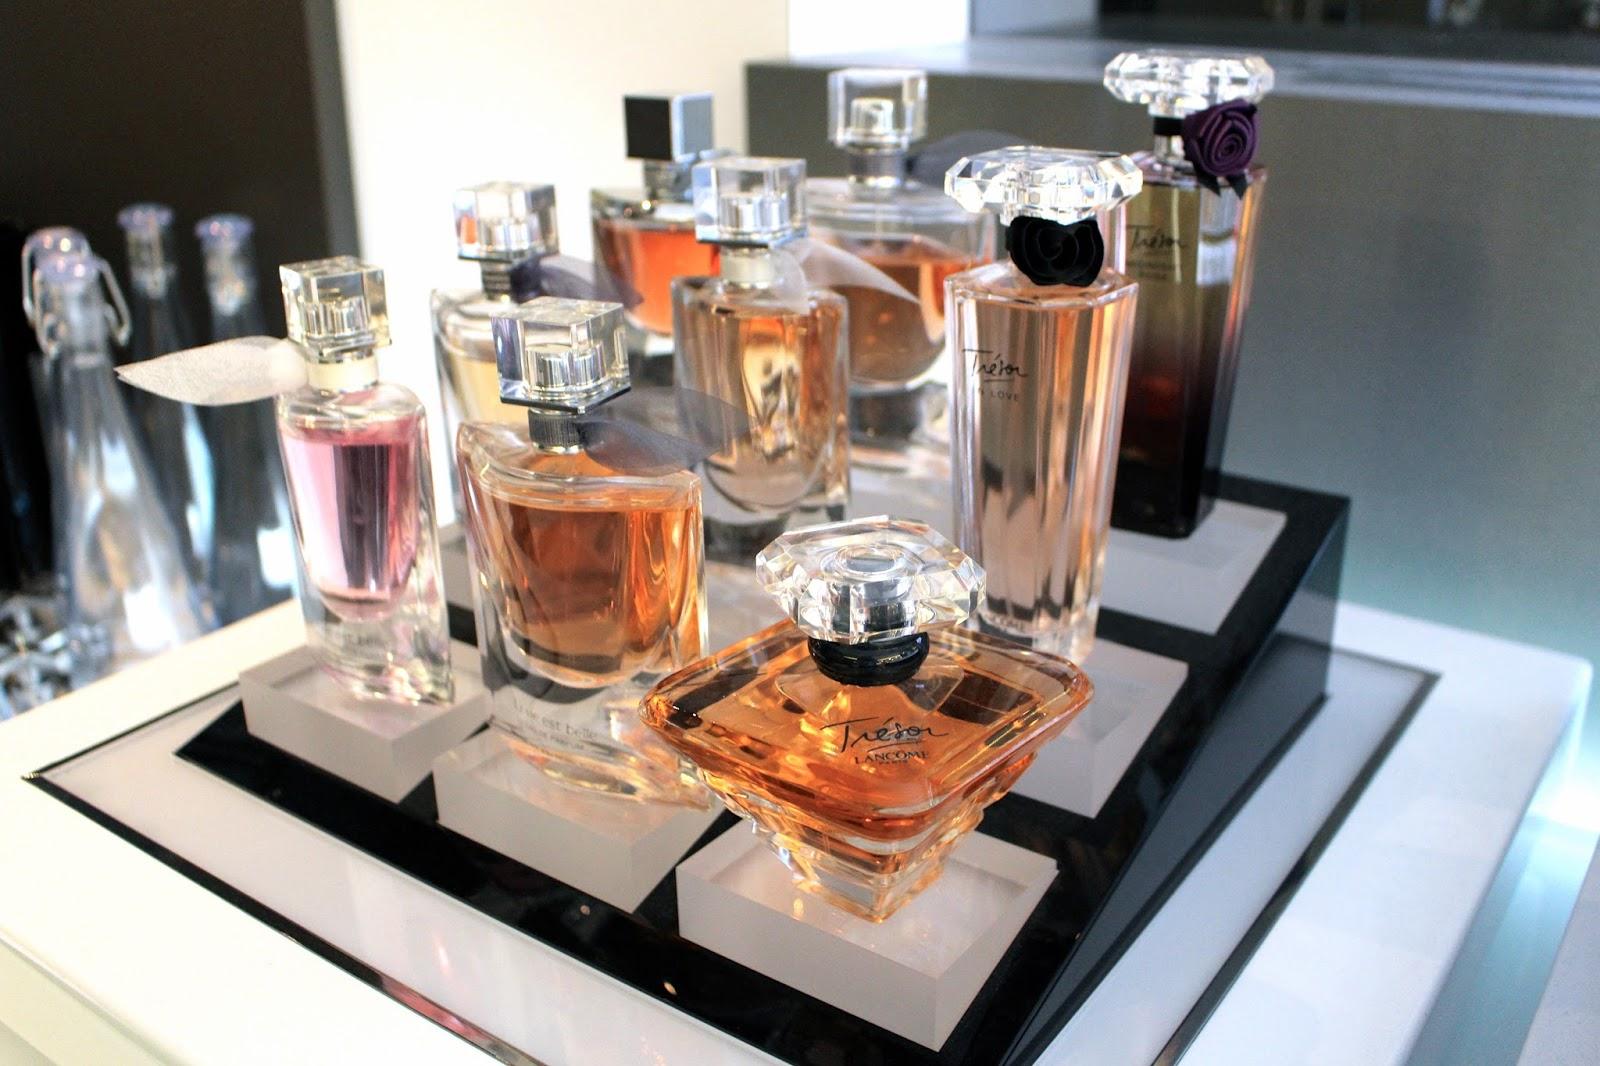 lancome perfume display